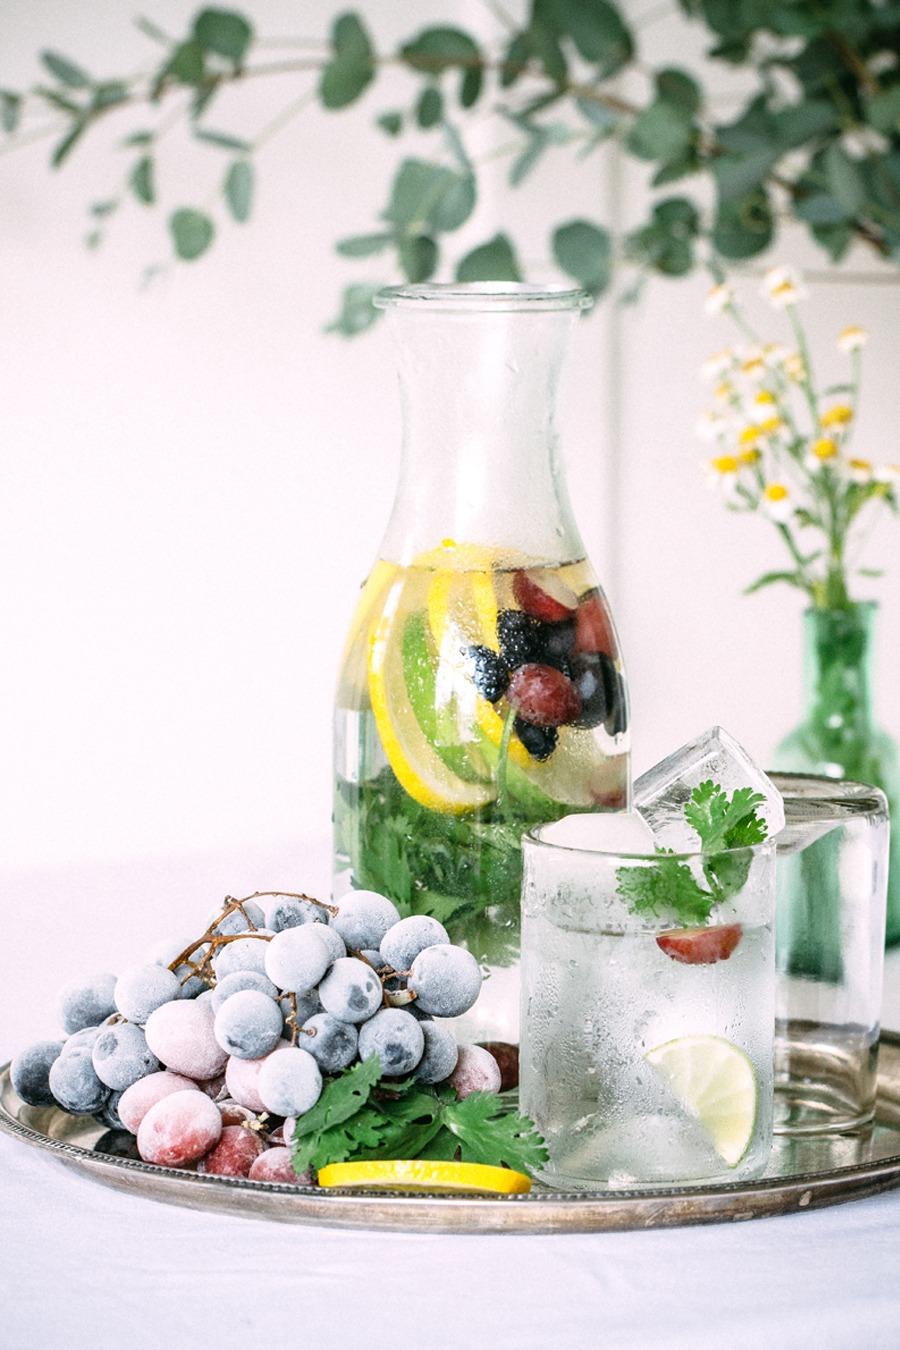 BUFFET DE AGUAS SABORIZADAS agua-saborizada-buffet-boda